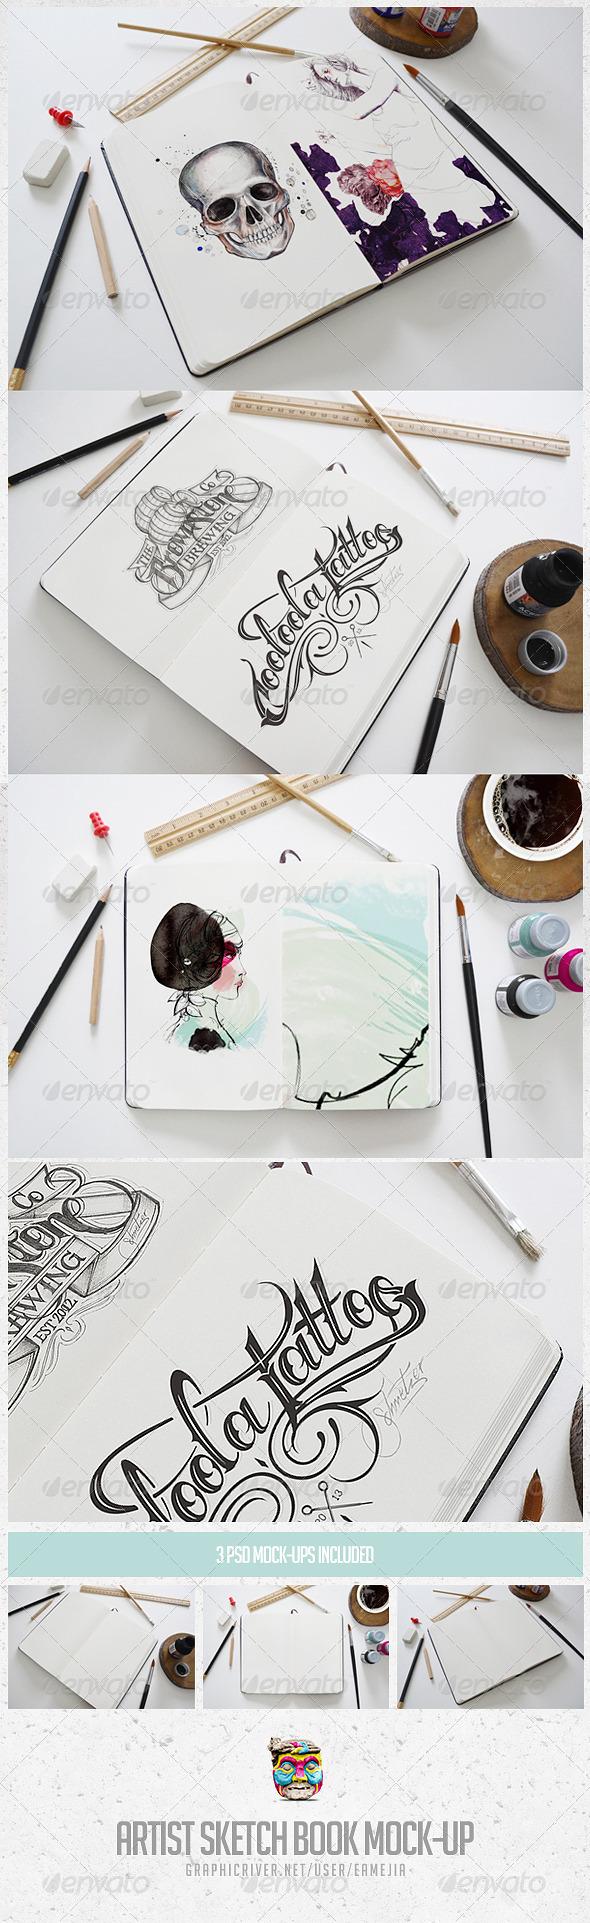 GraphicRiver Artist Sketch Book Mock-Up 6627417